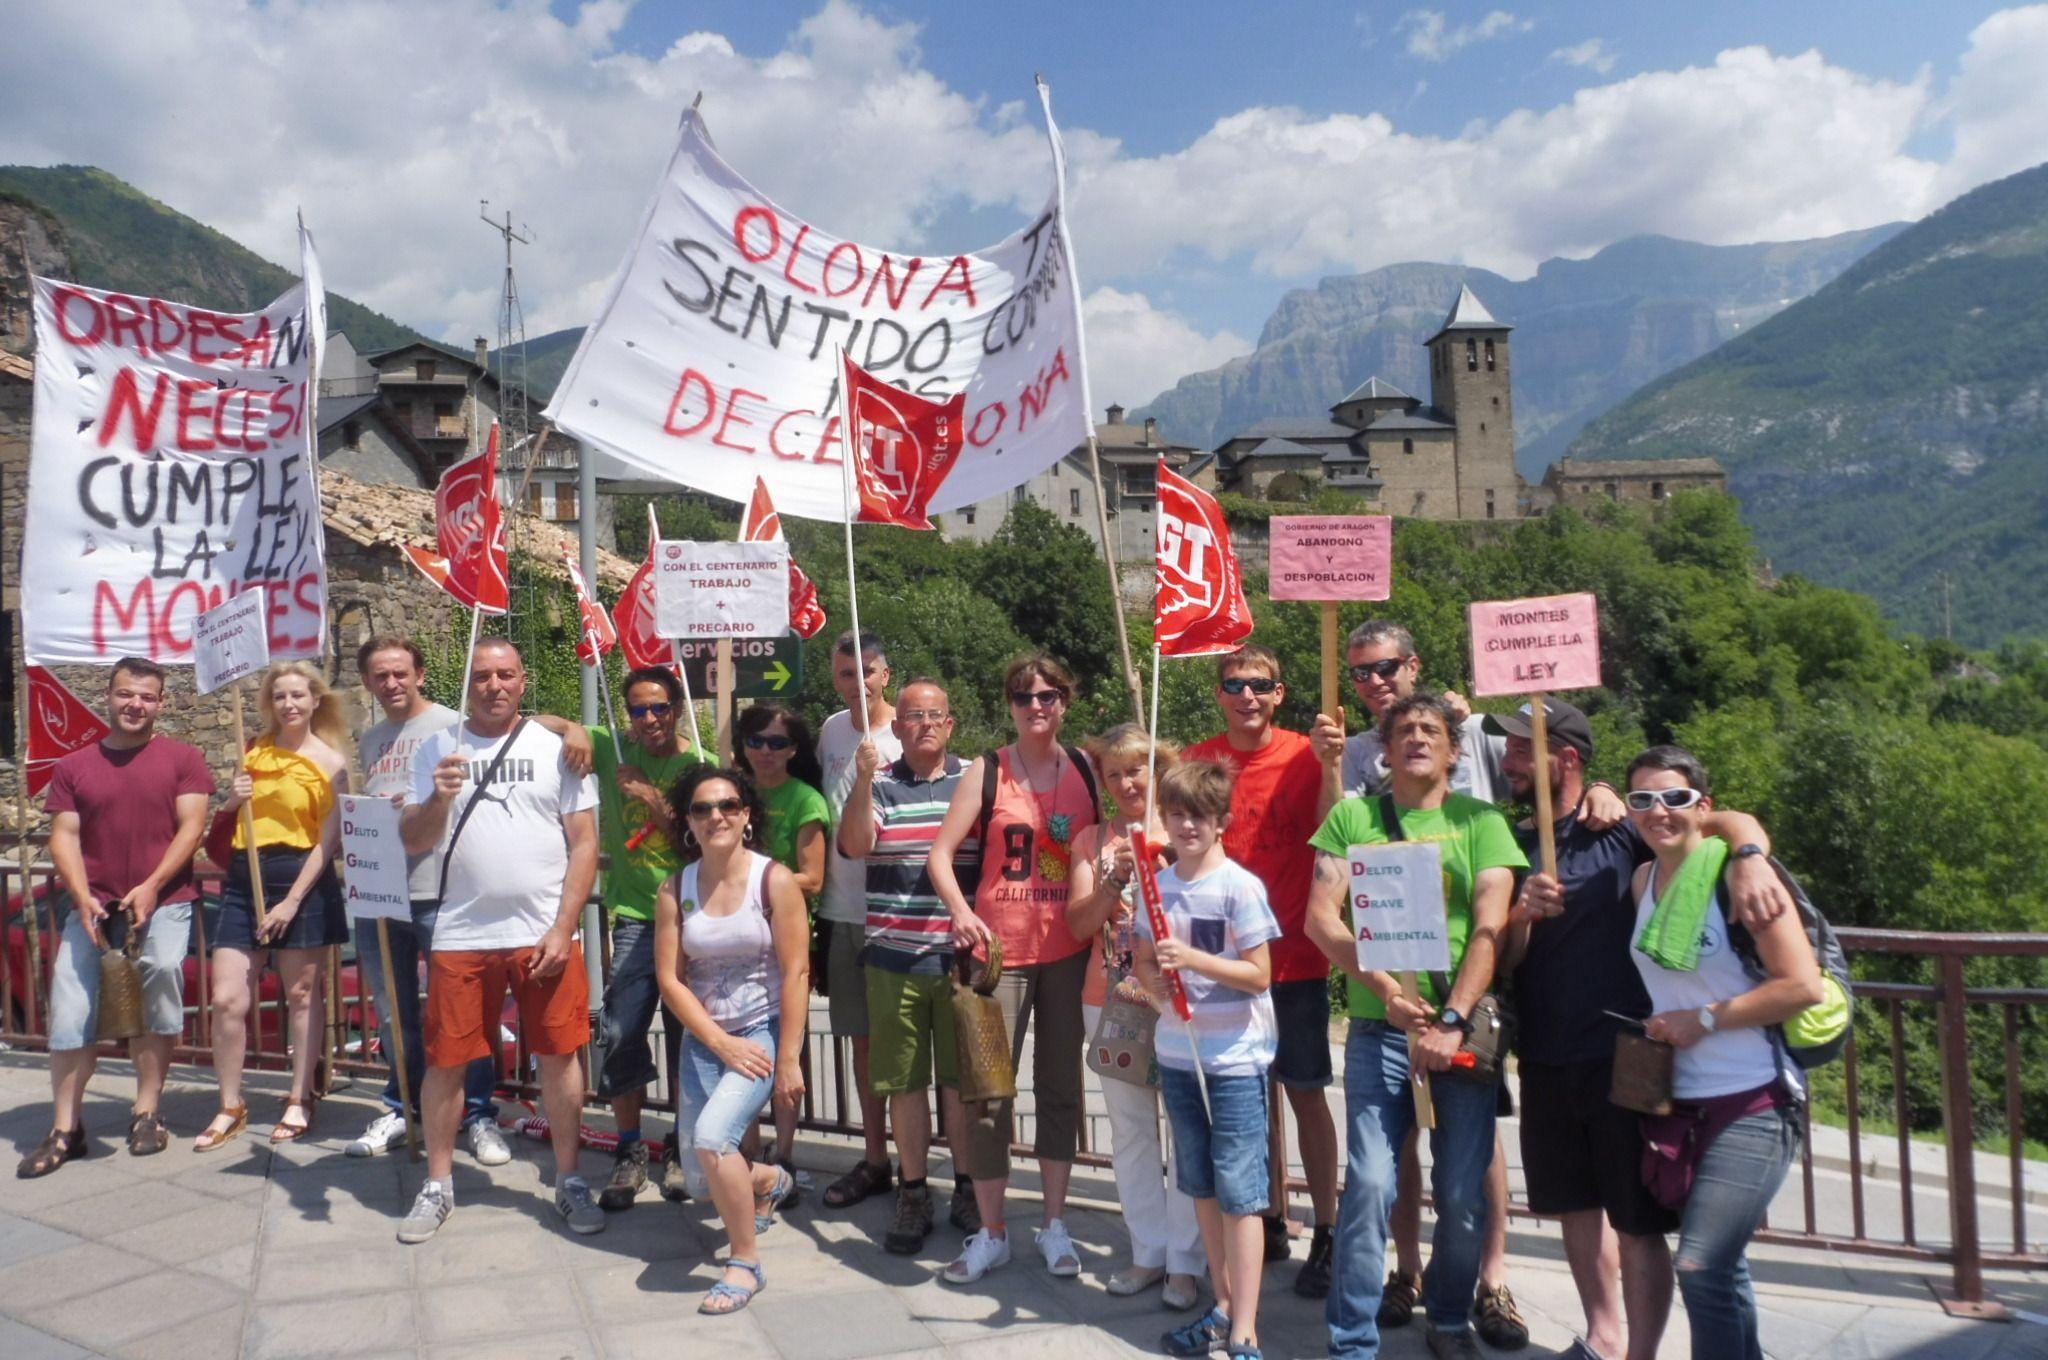 La imagen corresponde a una protesta de julio de 2018 en Torla-Ordesa. Foto: SobrarbeDigital.